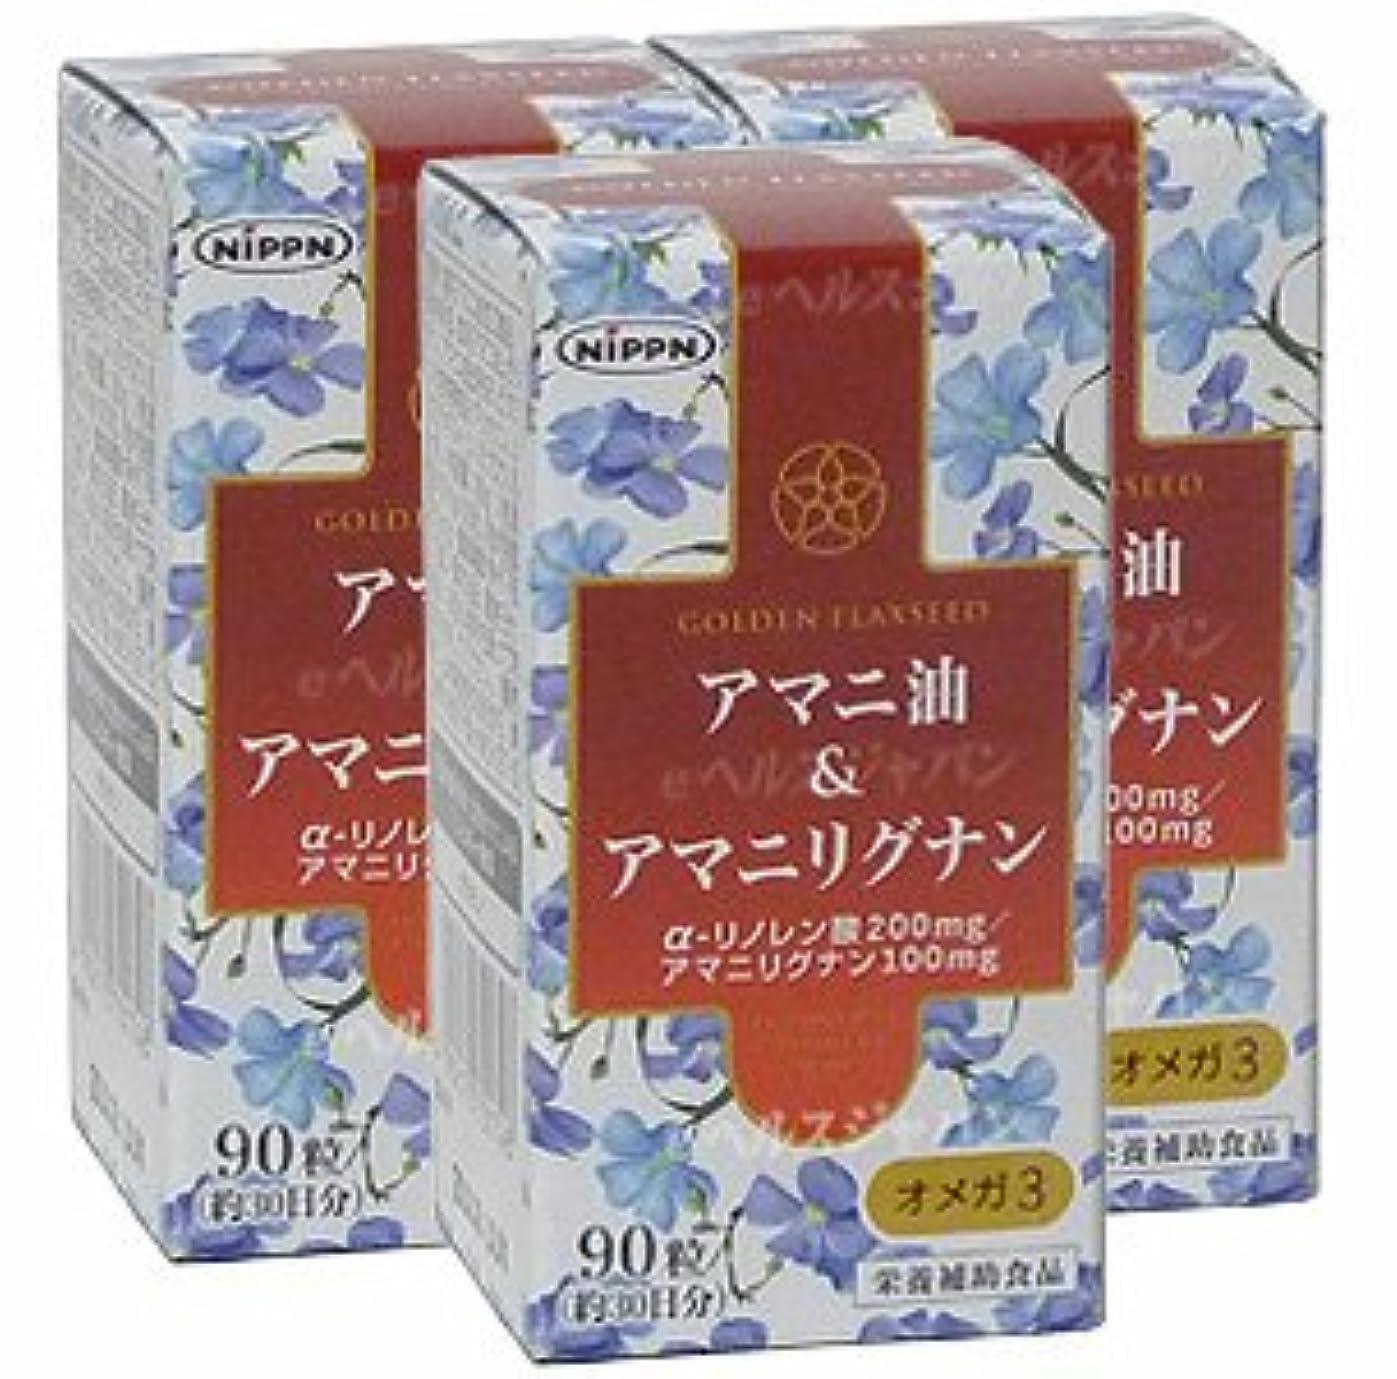 サンドイッチ避けられないこっそりアマニ油&アマニリグナン【3本セット】日本製粉